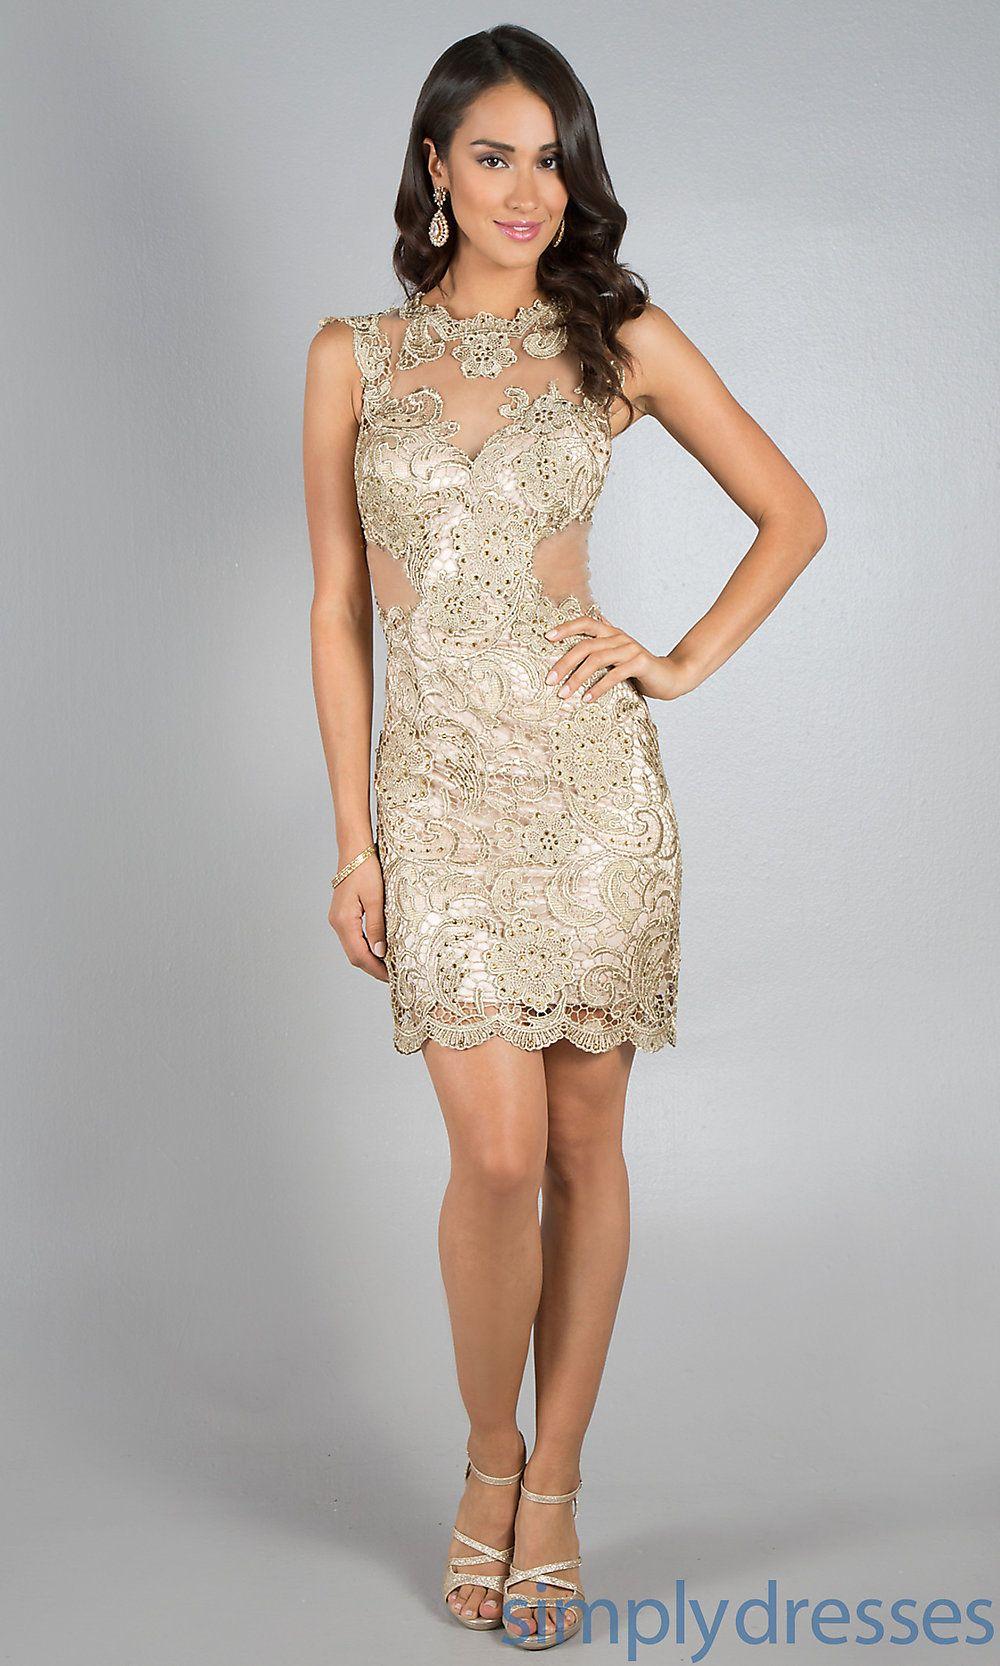 シャンパンゴールドのドレス dressed women pinterest gold